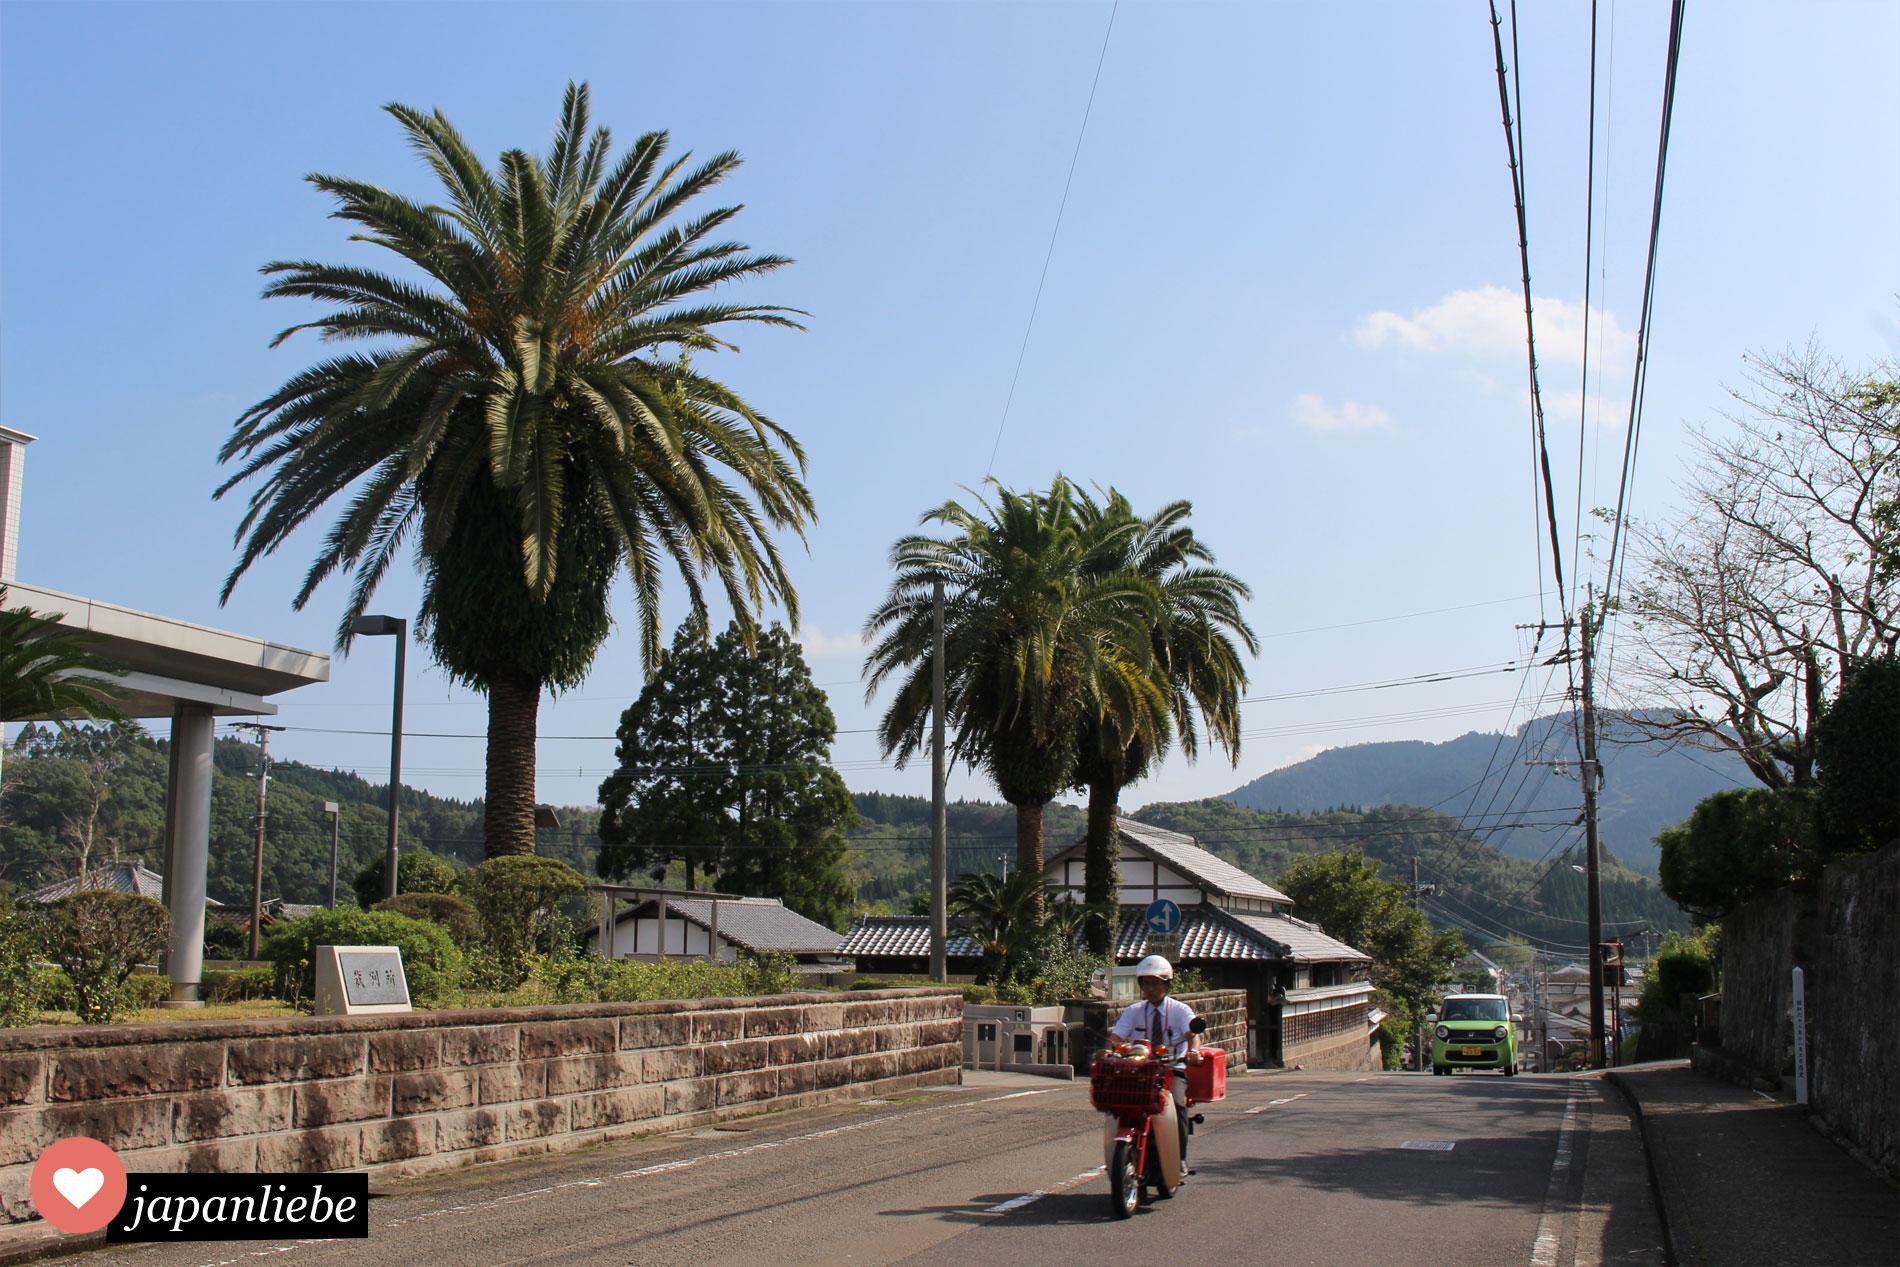 In Miyazaki, Japan gibt es überall Palmen und Postboten, die mit dem Motorrad ausliefern.